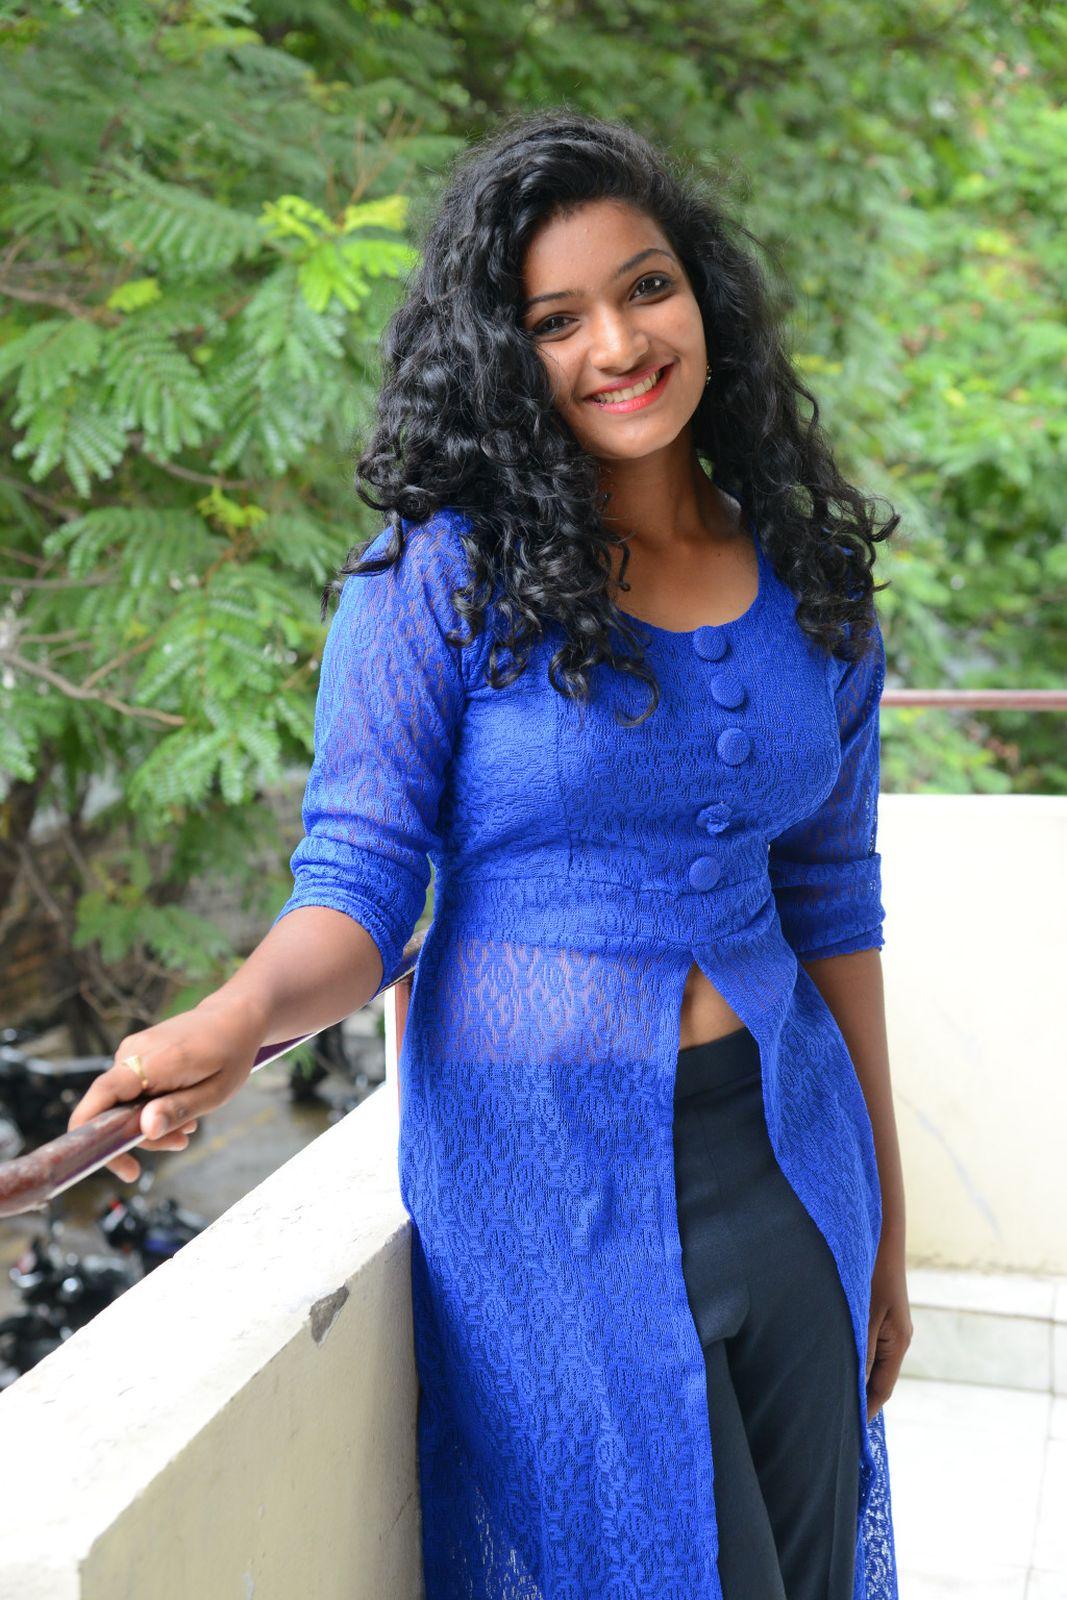 Hindi Girl Wallpaper Hd Gayatri Latest Stylish Photo Shoot Gallery Hd Latest